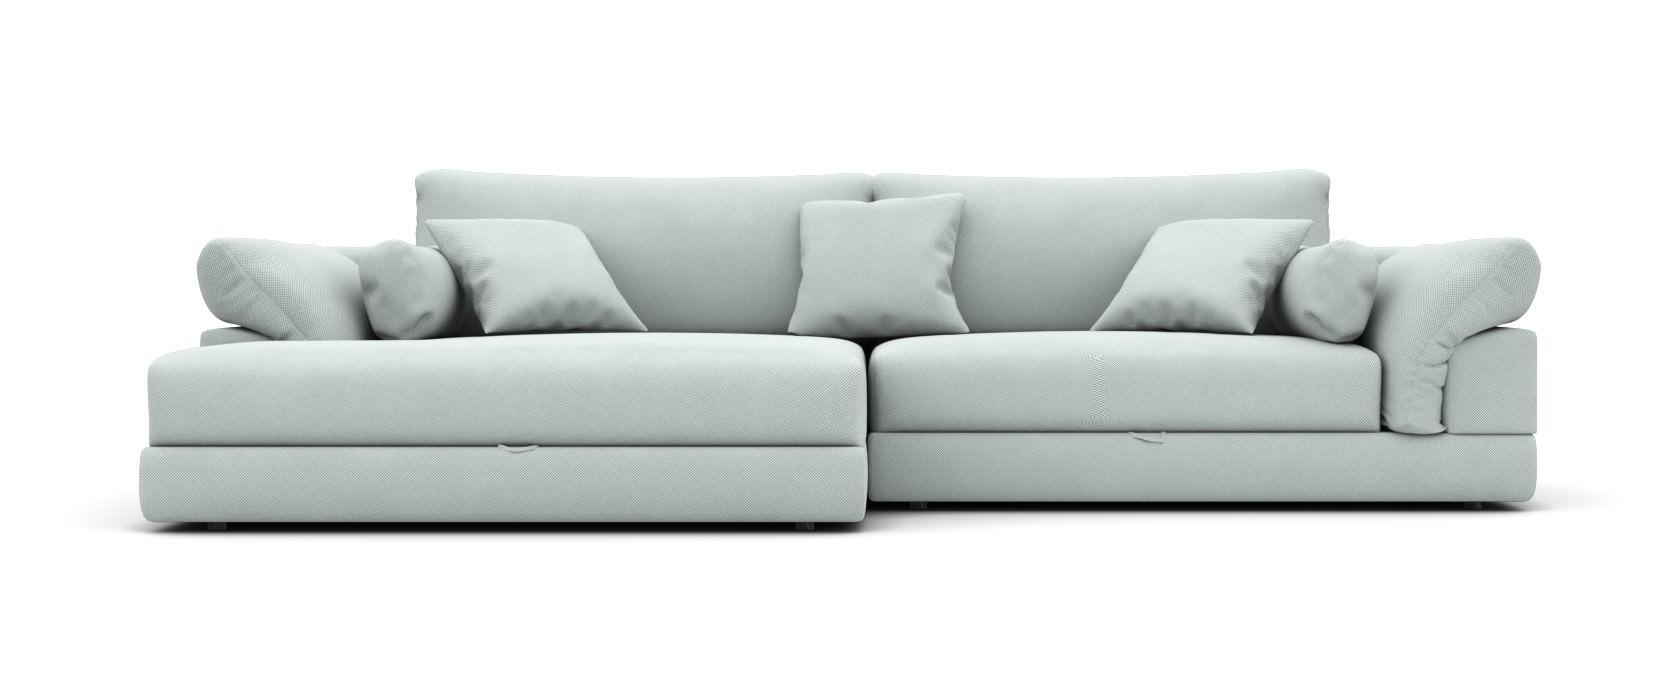 Кутовий диван Claudia - Фото 1 - Pufetto